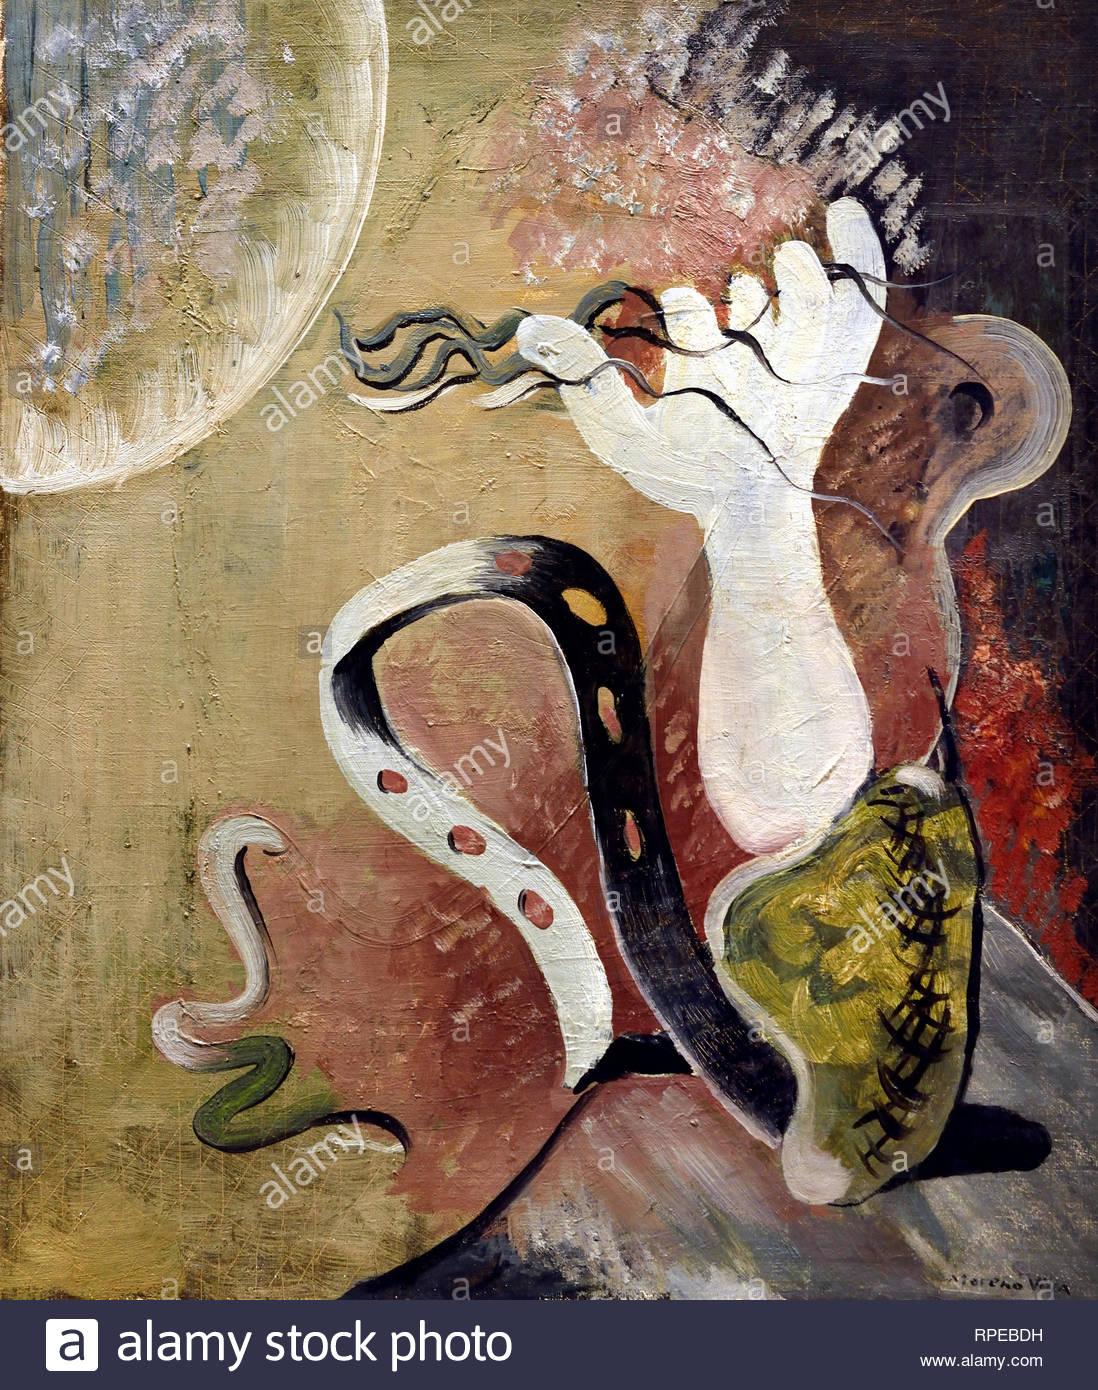 La composition avec la main et Serpent 1929 par Jose Moreno Villa Espagne Espagnol.Peintre Photo Stock